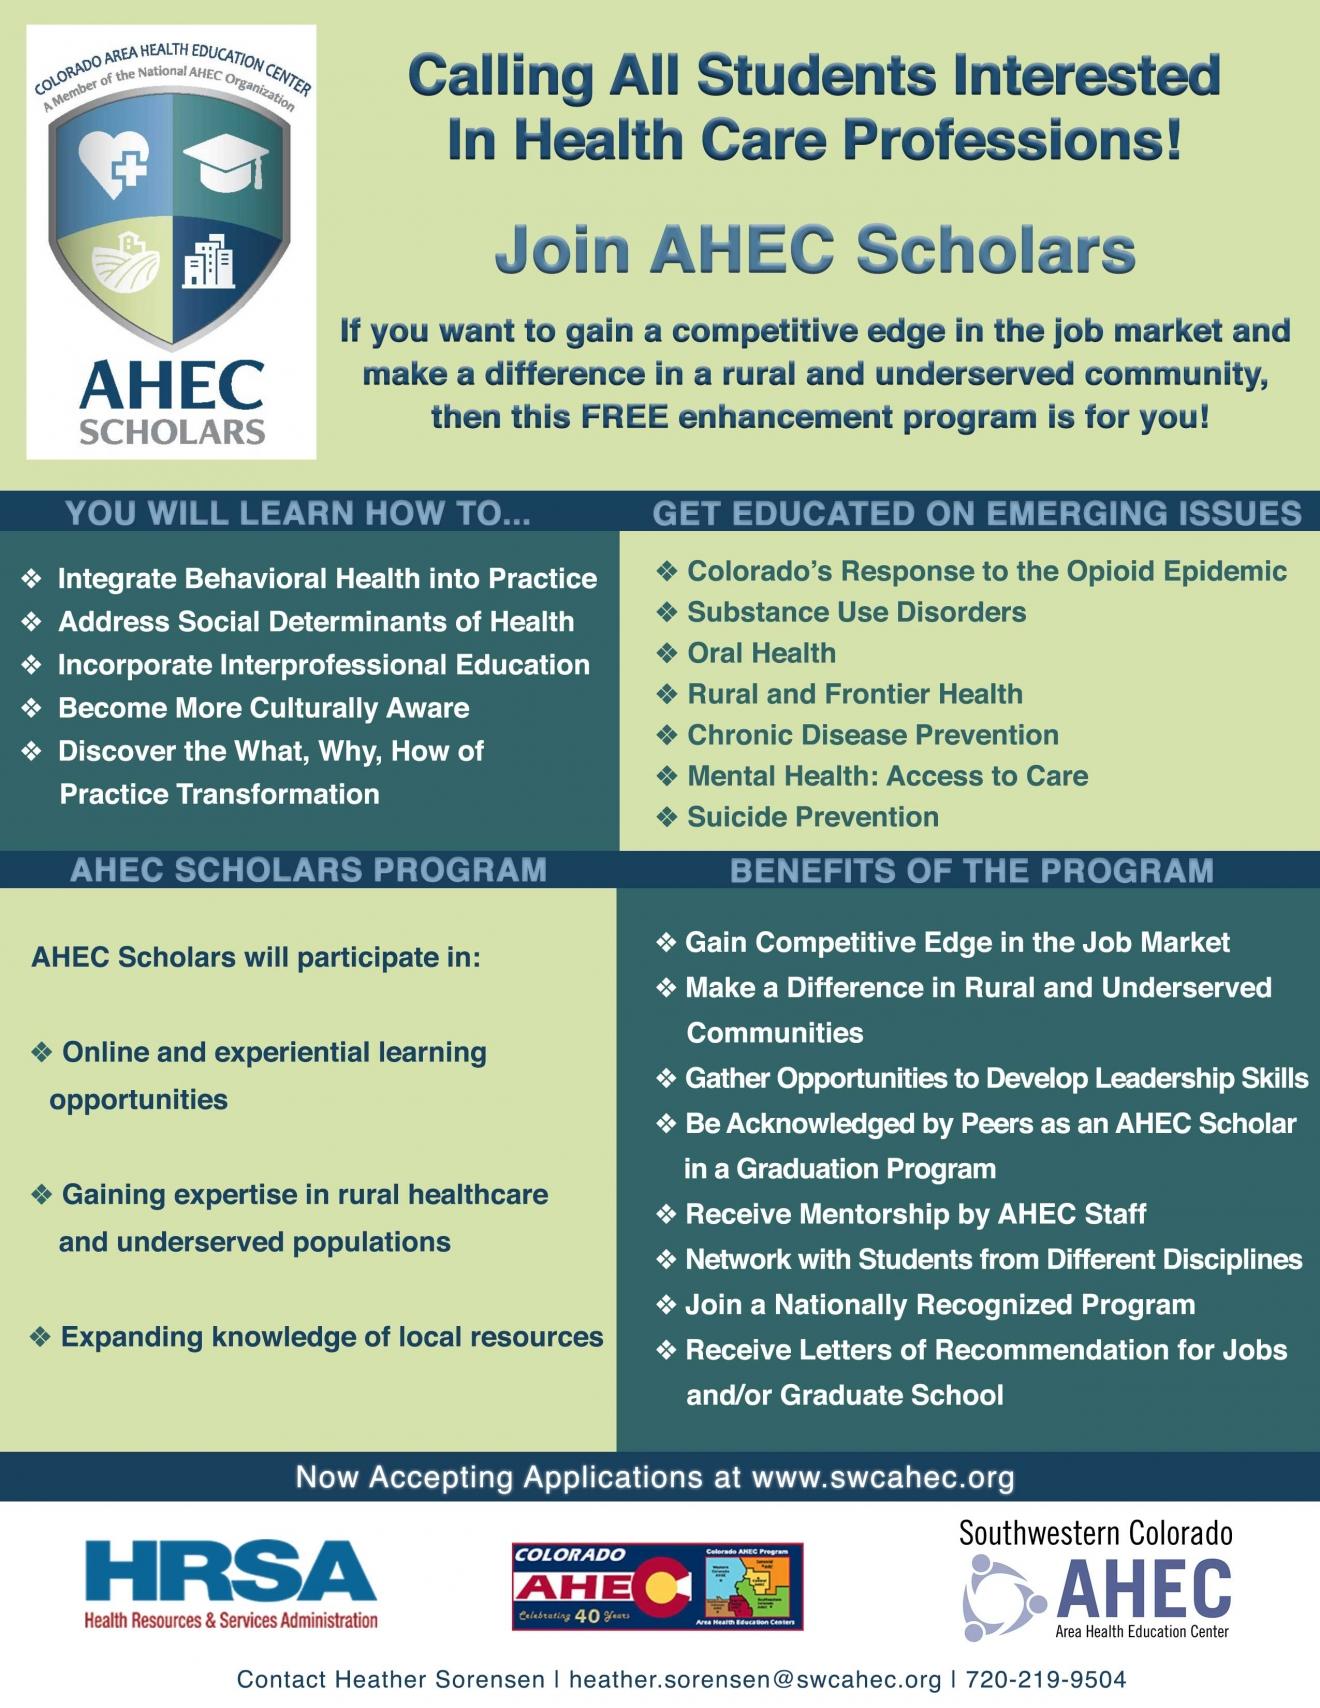 ahec-scholars-flyer-2019